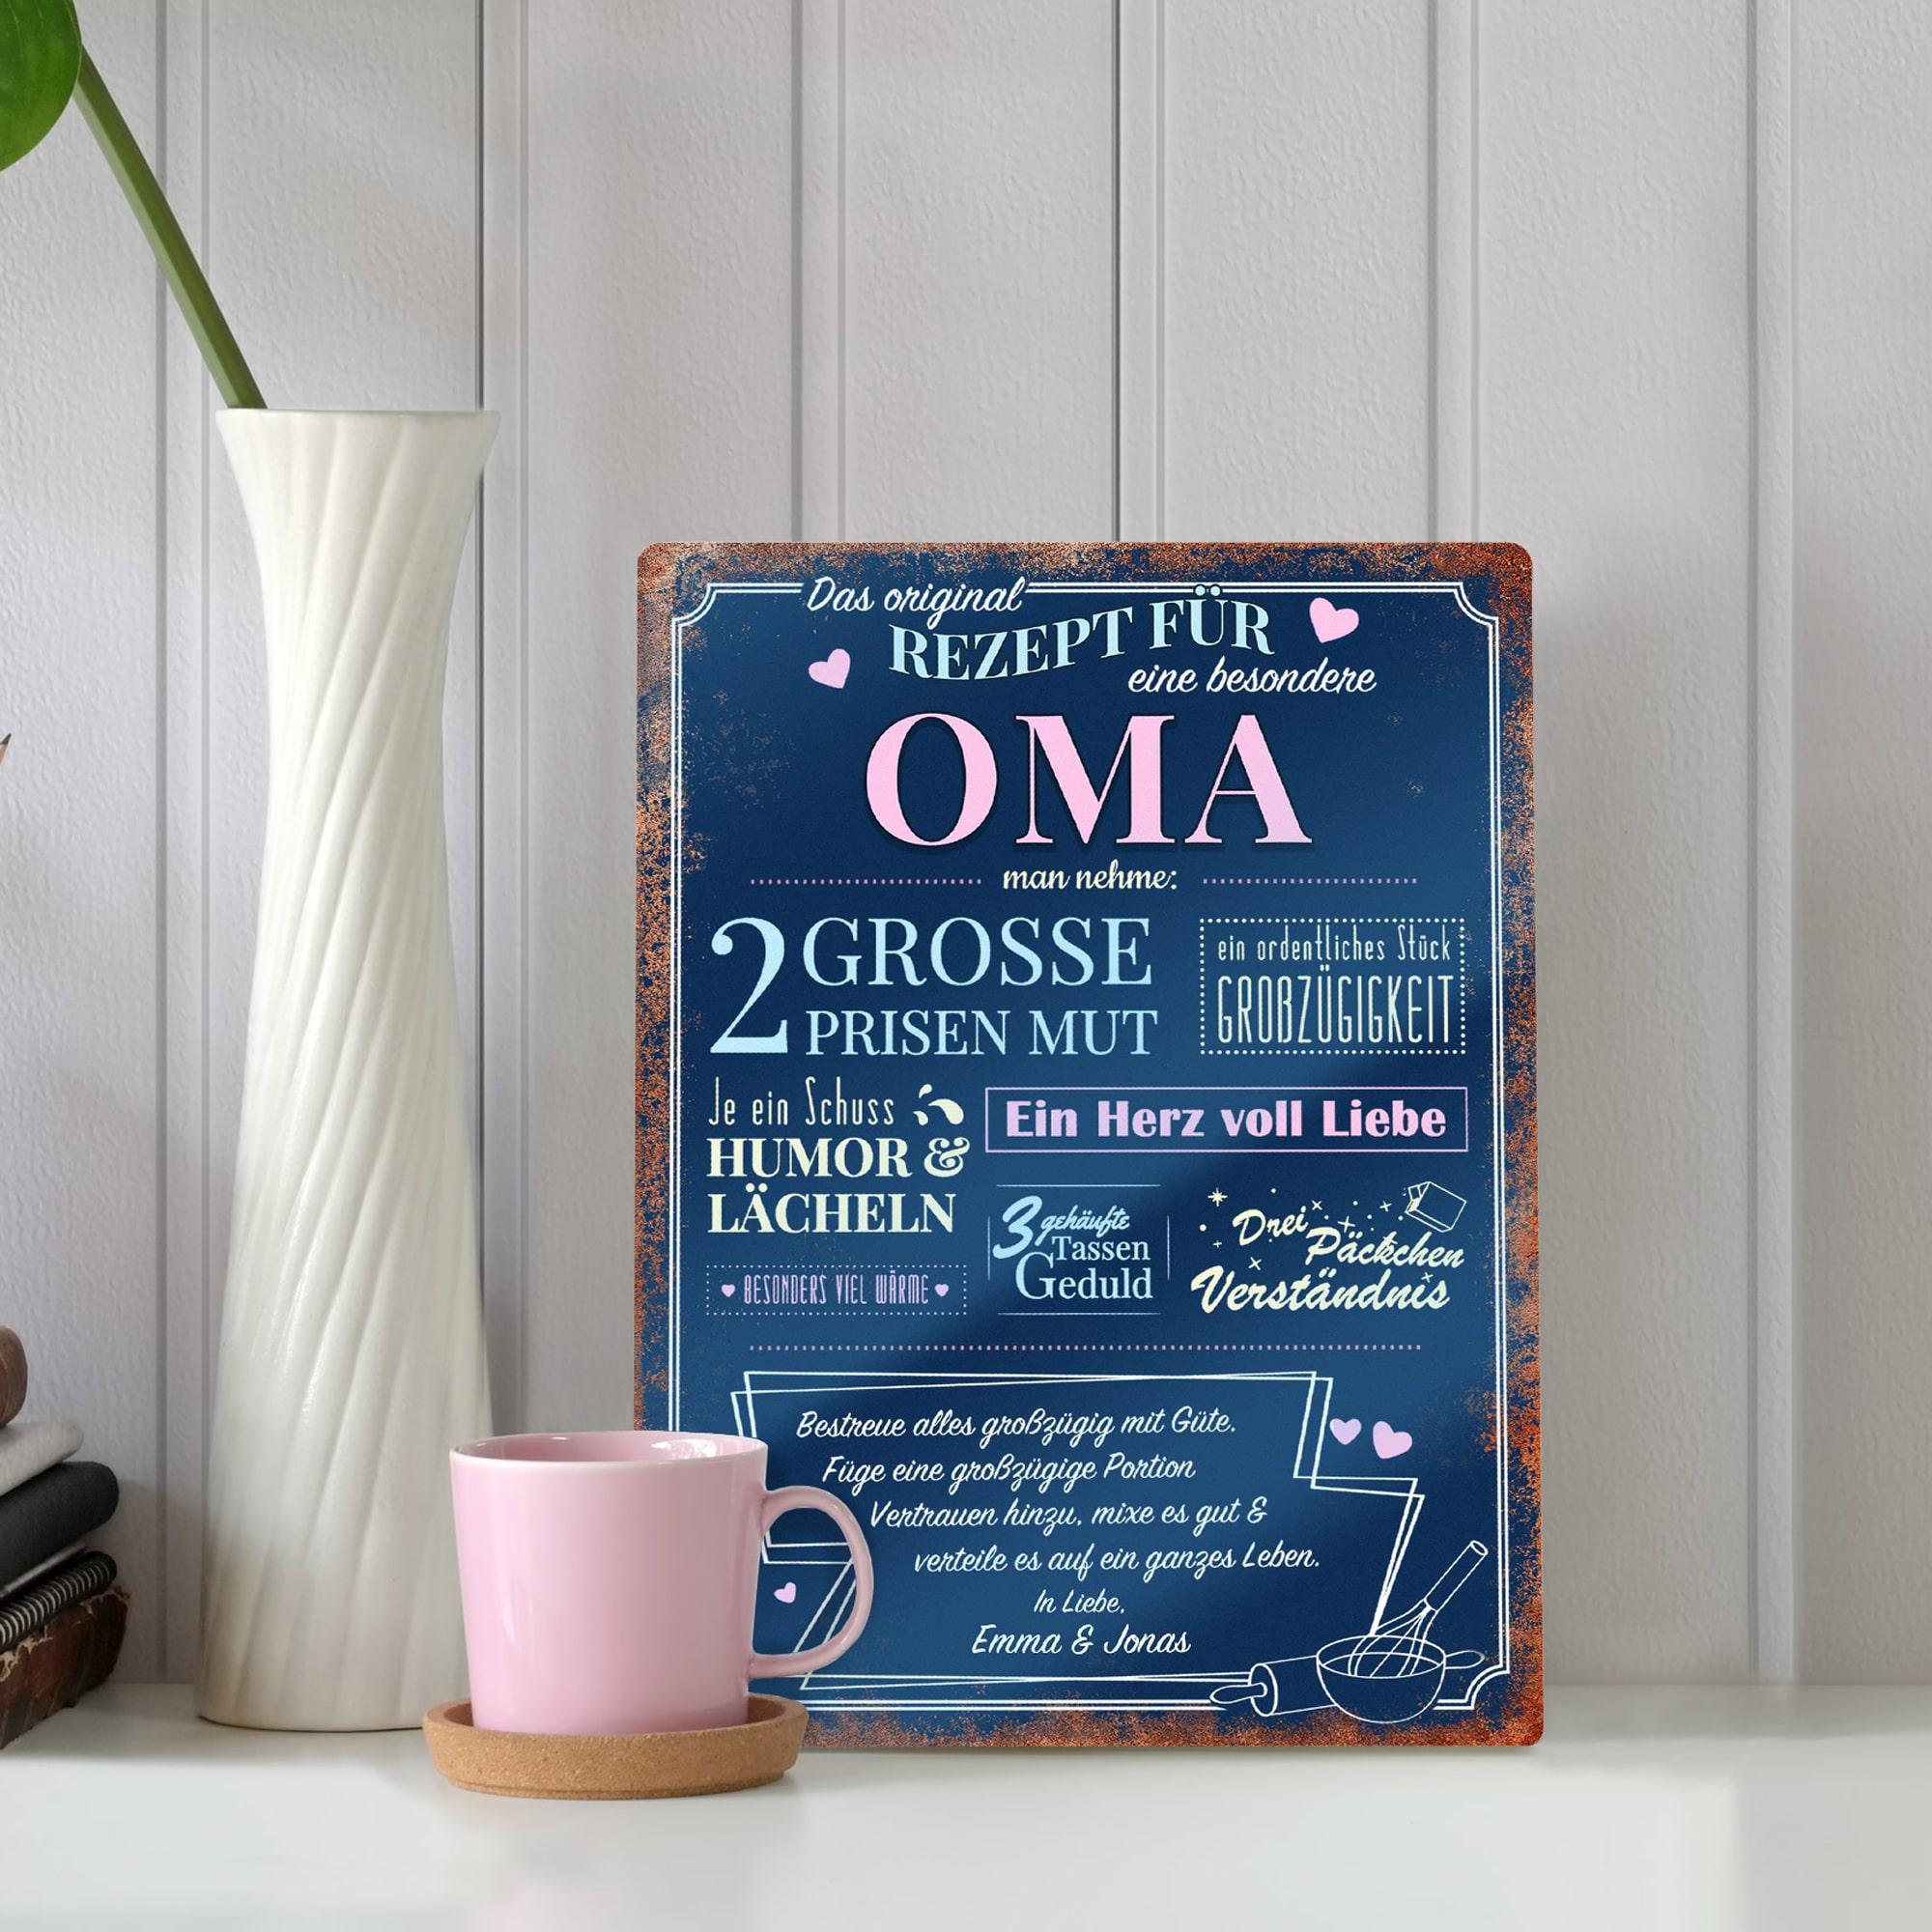 Persönliches Geschenk für Oma - Personalisiertes Wandschild